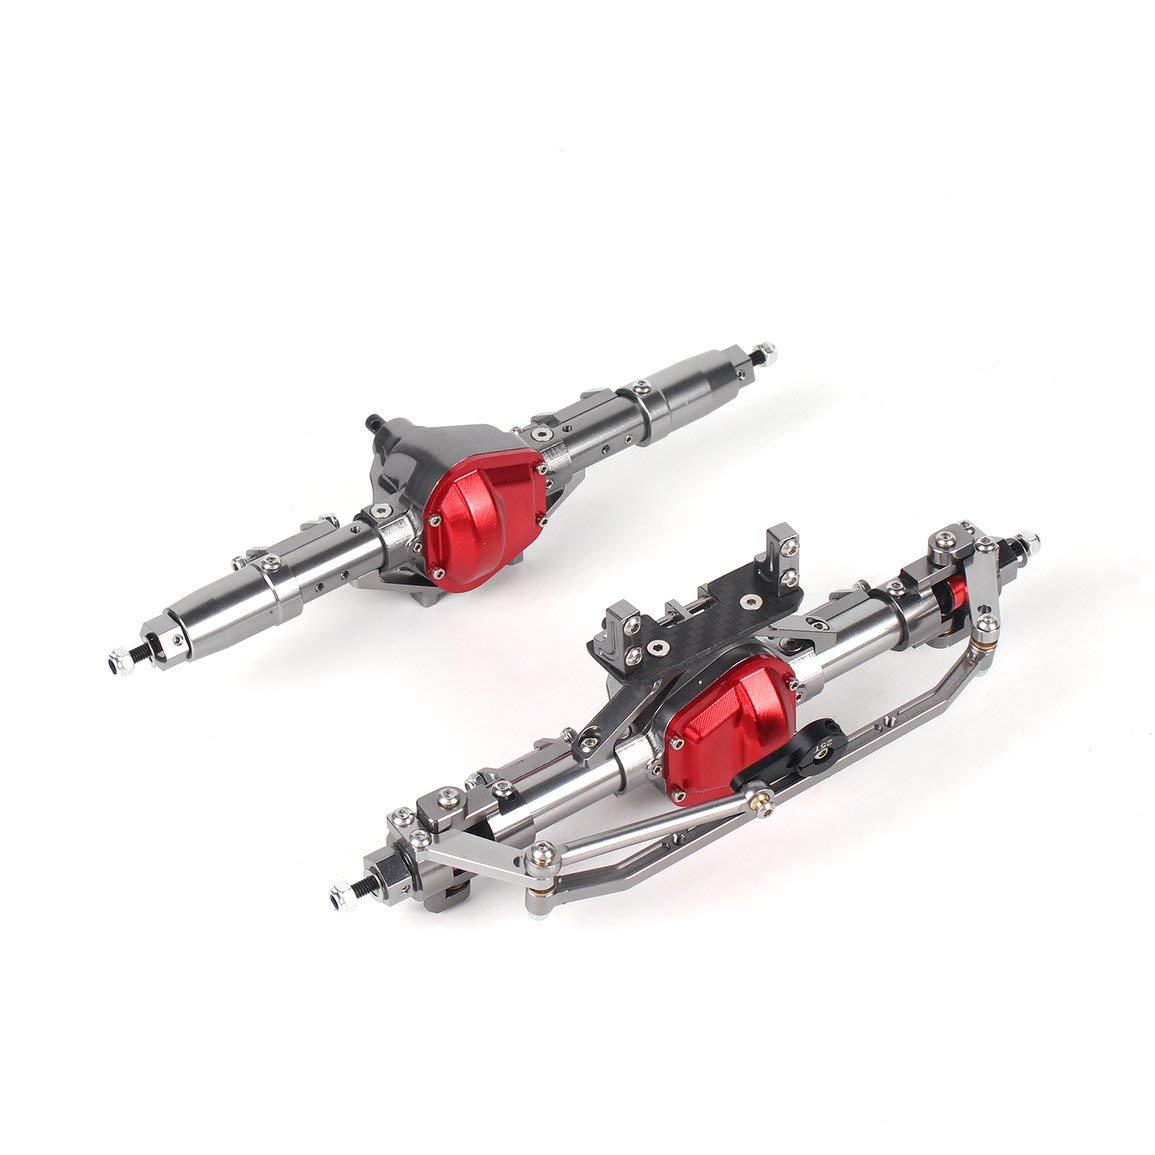 Jiobapiongxin 1 Satz 1/10 Rc Auto Komplette Legierung Vorder- und Hinterachse CNC Maschine für 1:10 Rc Crawler AXIAL SCX10 RC4WD D90 LKW Autoteile JBP-X